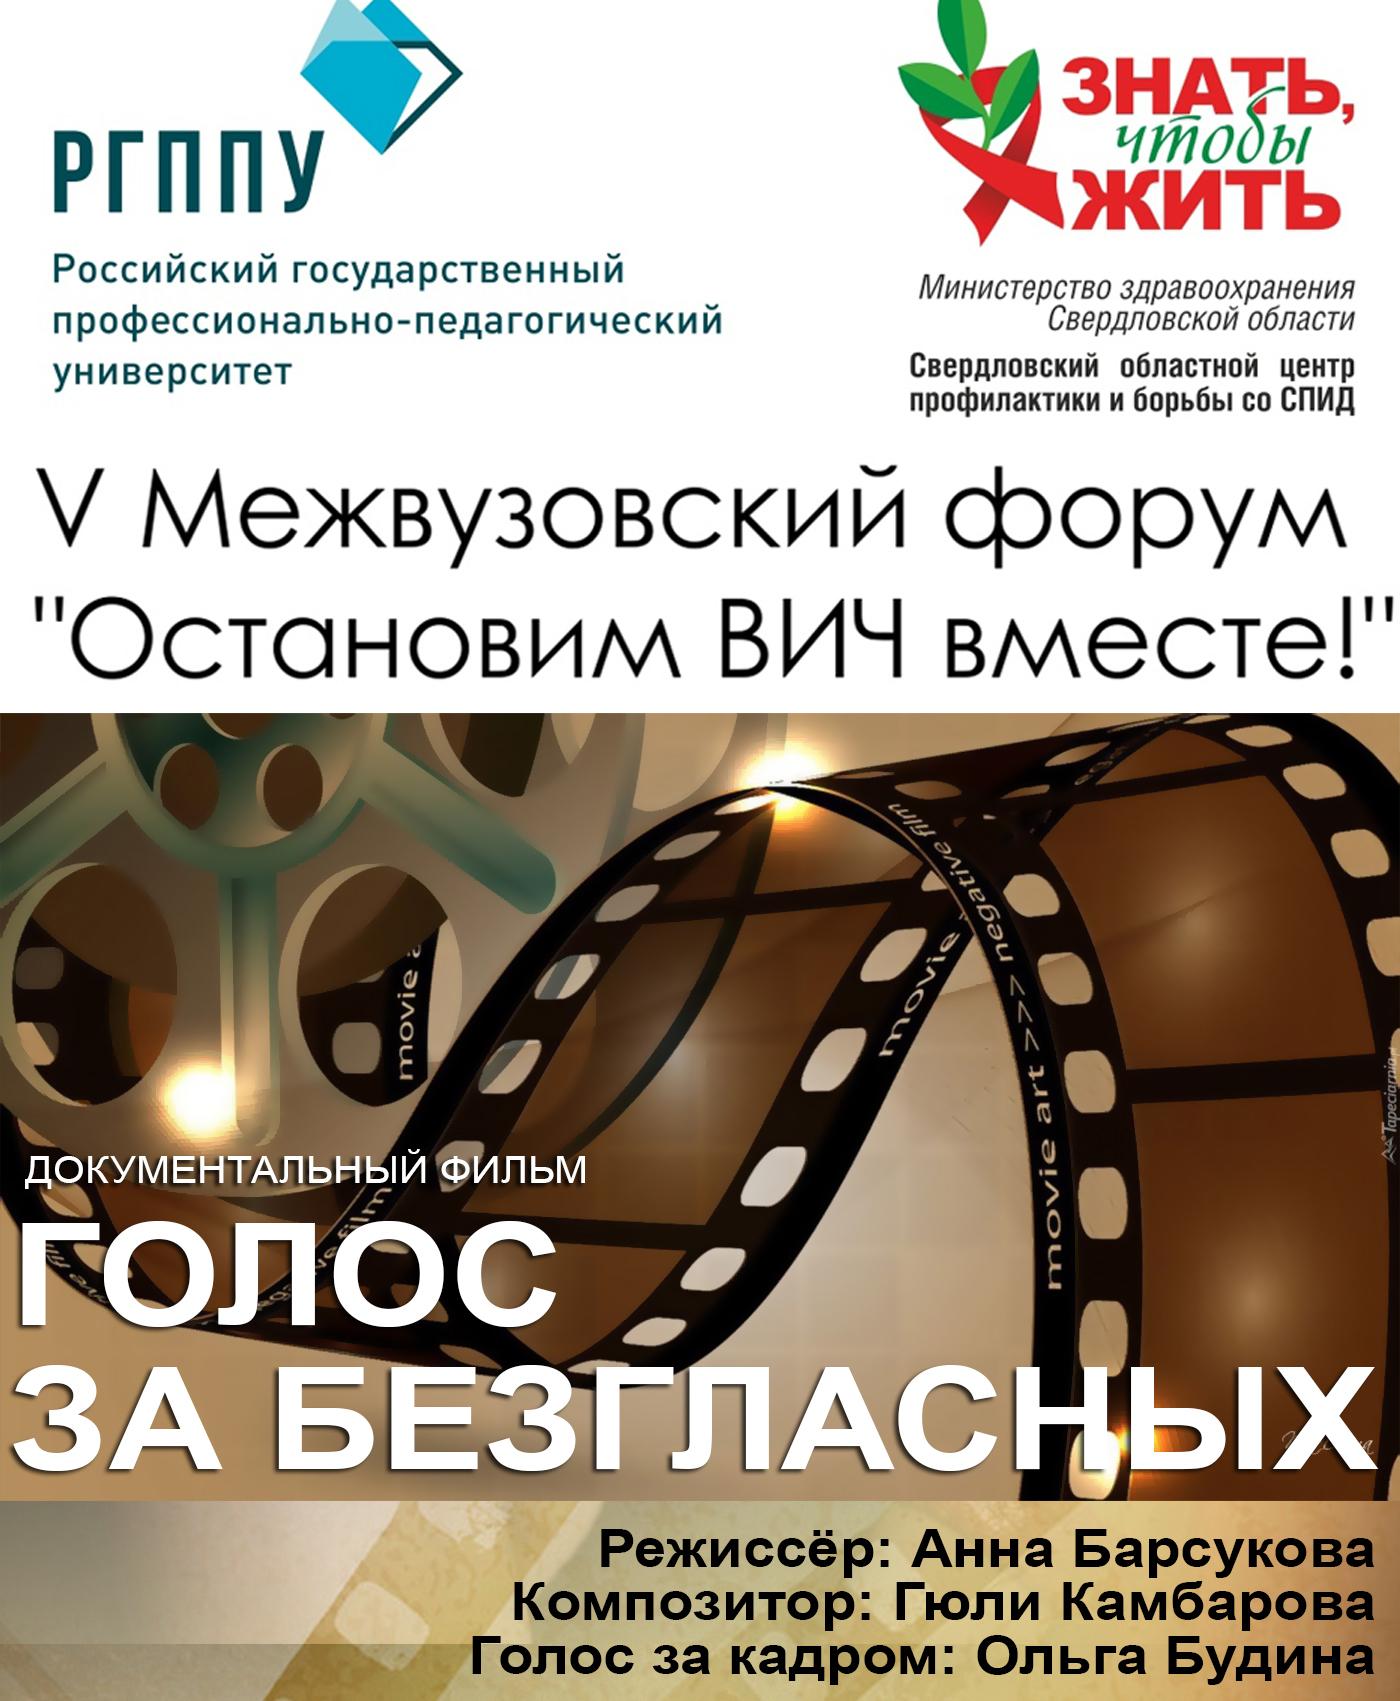 Показ в рамках форума «Остановим ВИЧ вместе» г. Екатеринбург